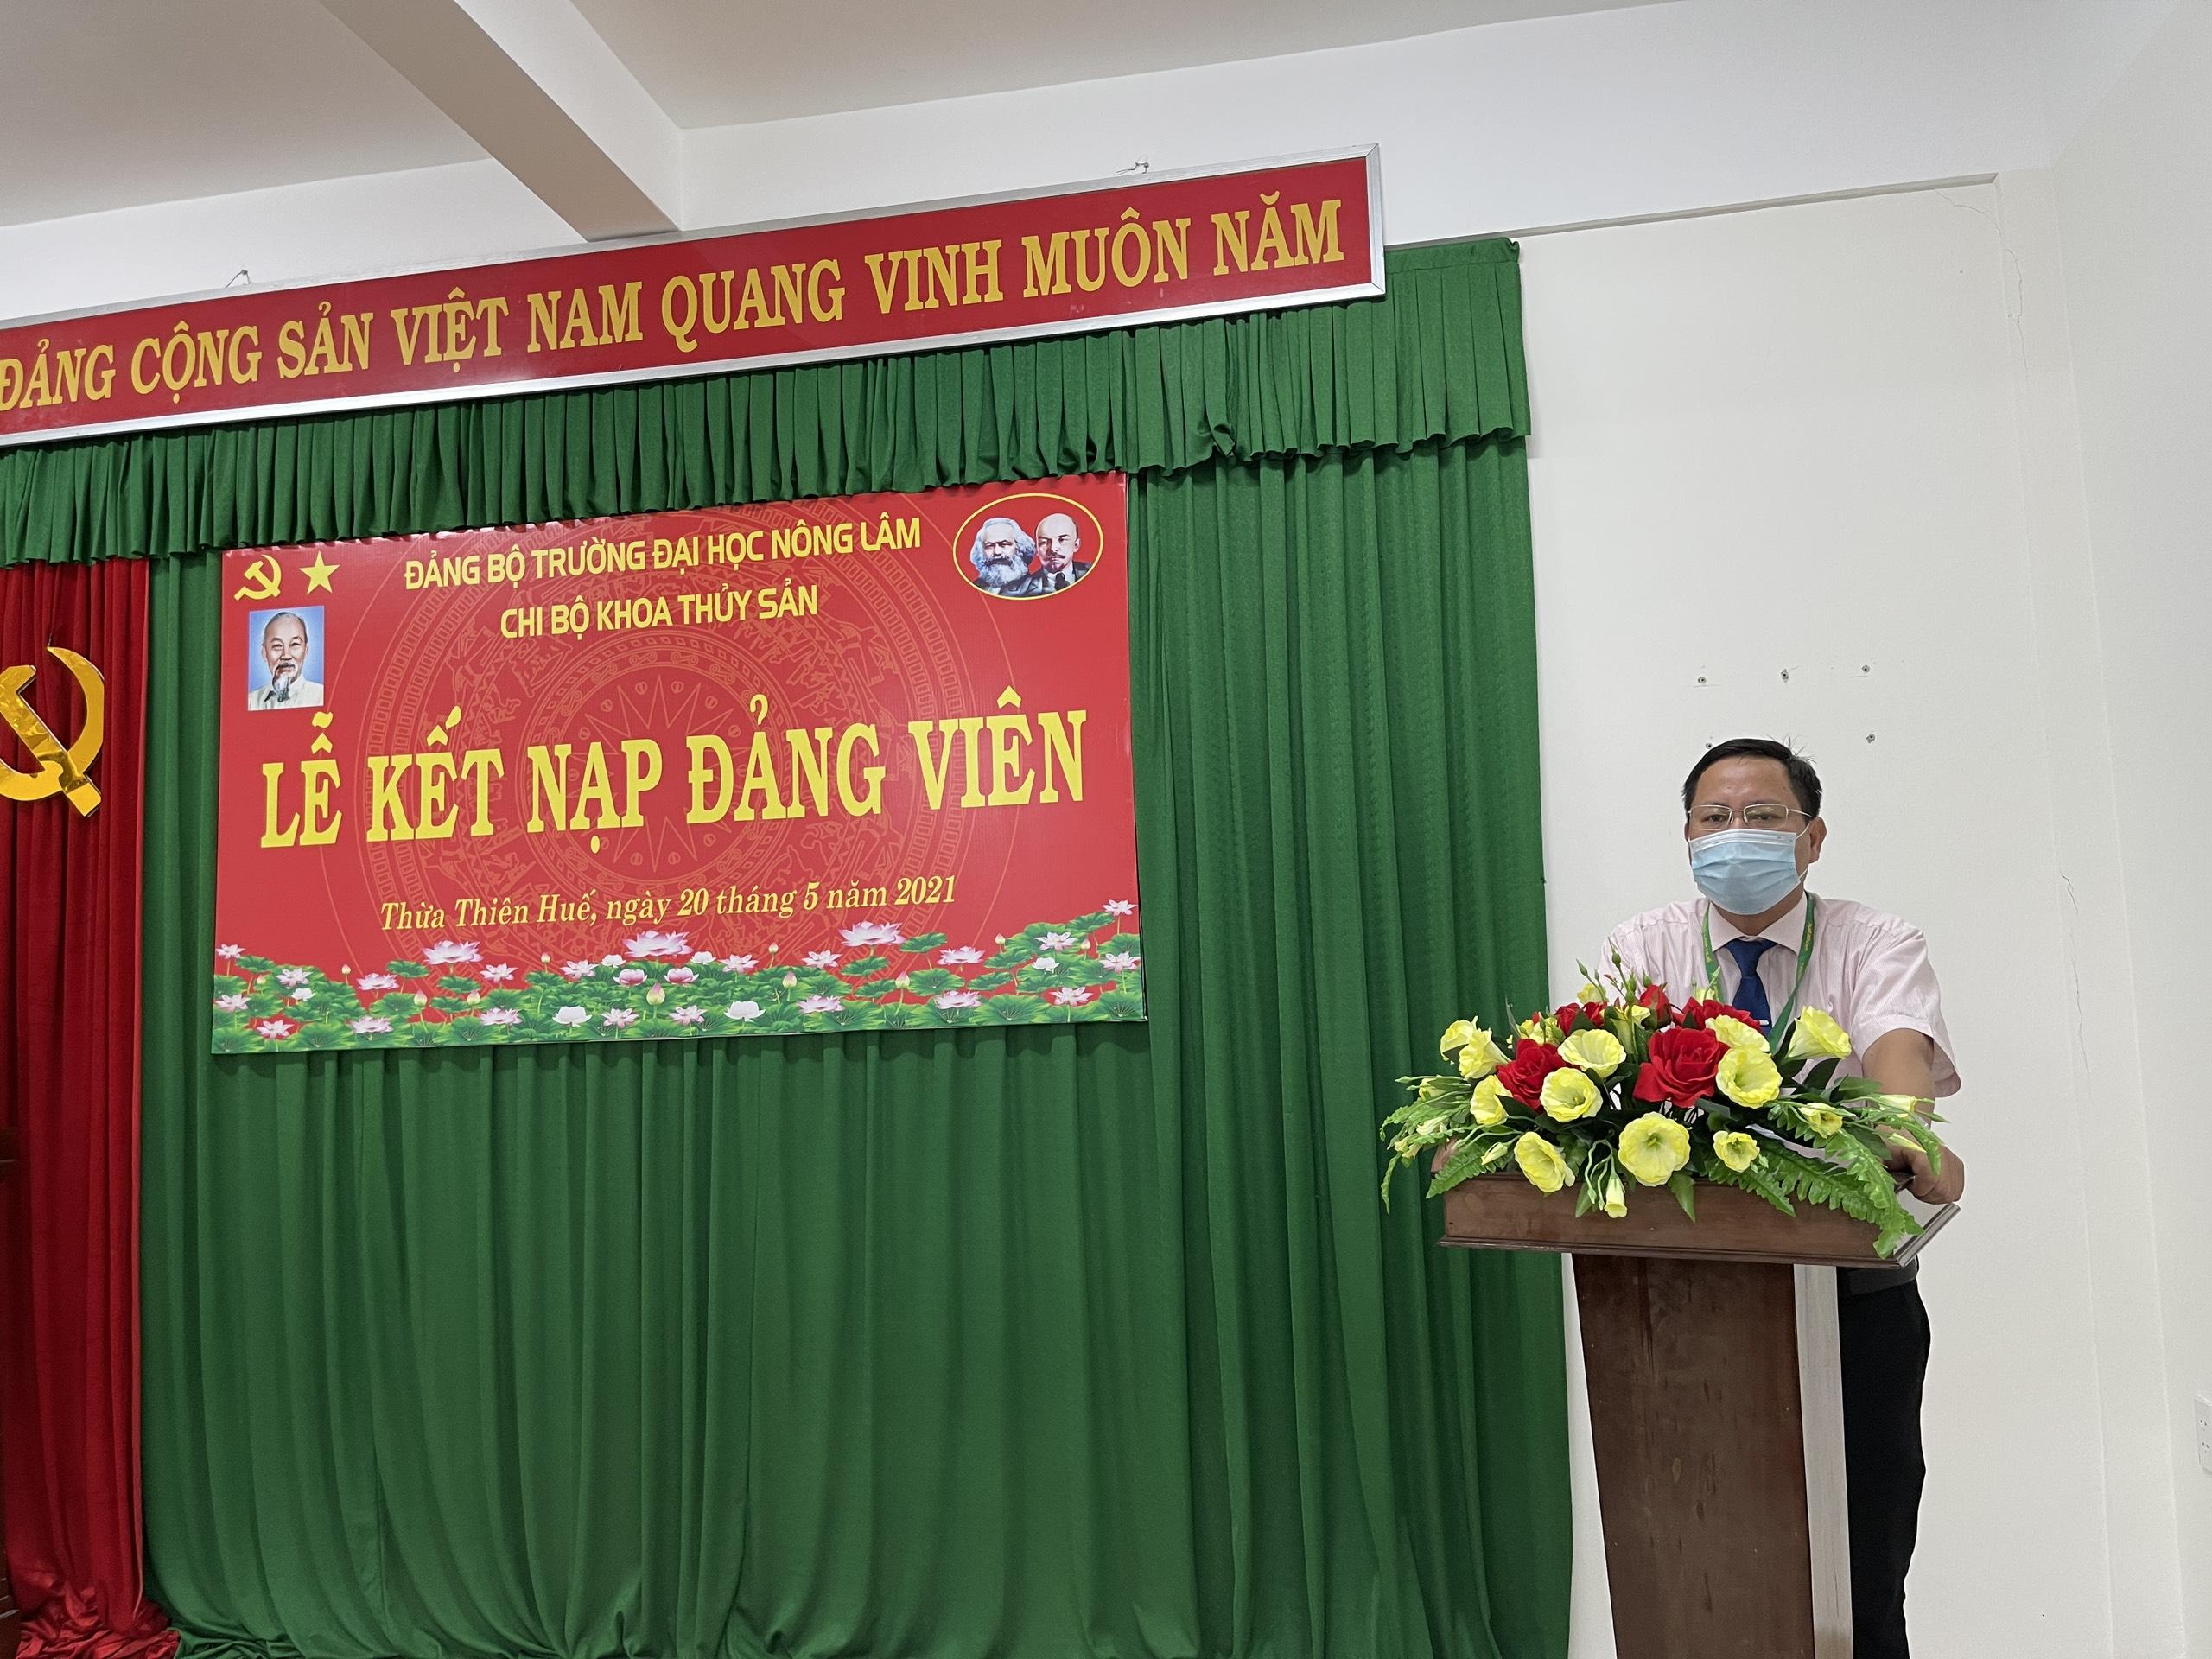 Đồng chí Trần Thanh Đức, bí thư Đảng ủy, Hiệu trưởng nhà trường phát biểu ý kiến